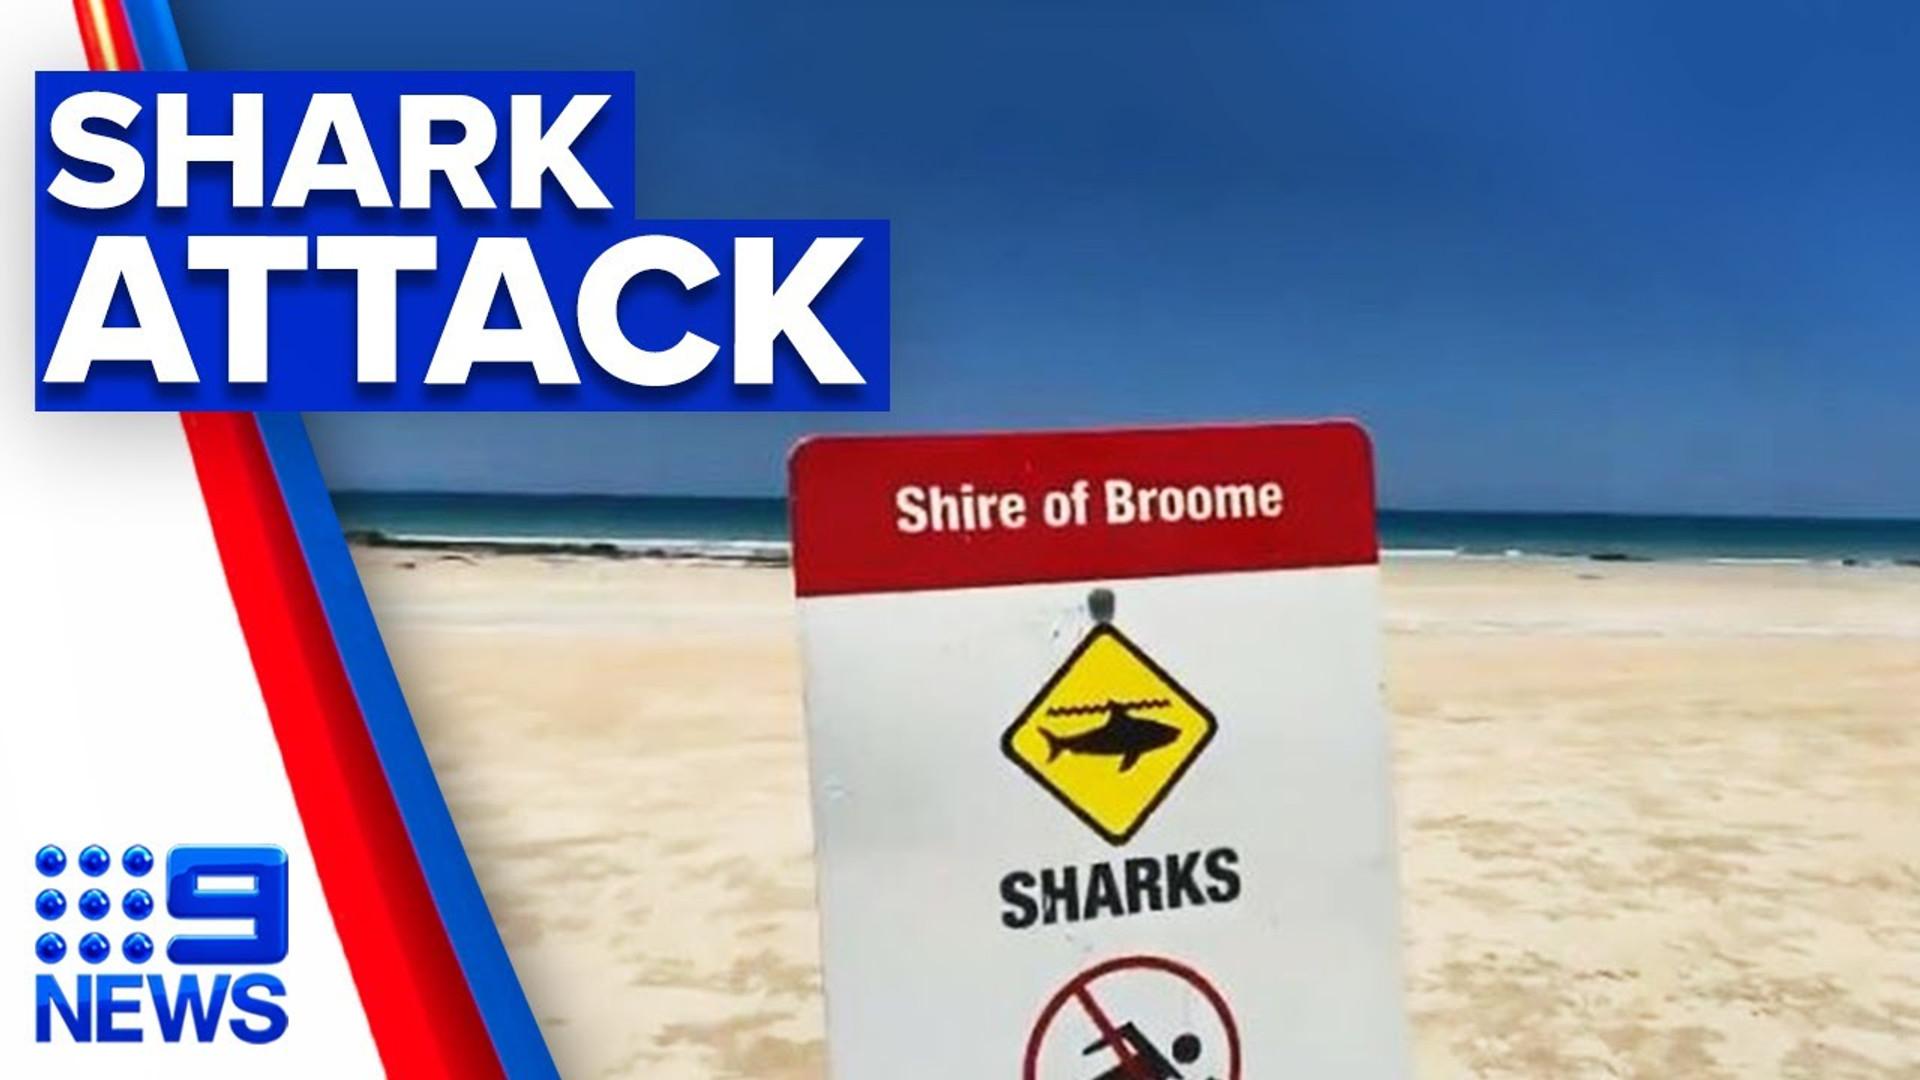 Mann bei Hai-Angriff in der Nähe von Broome getötet